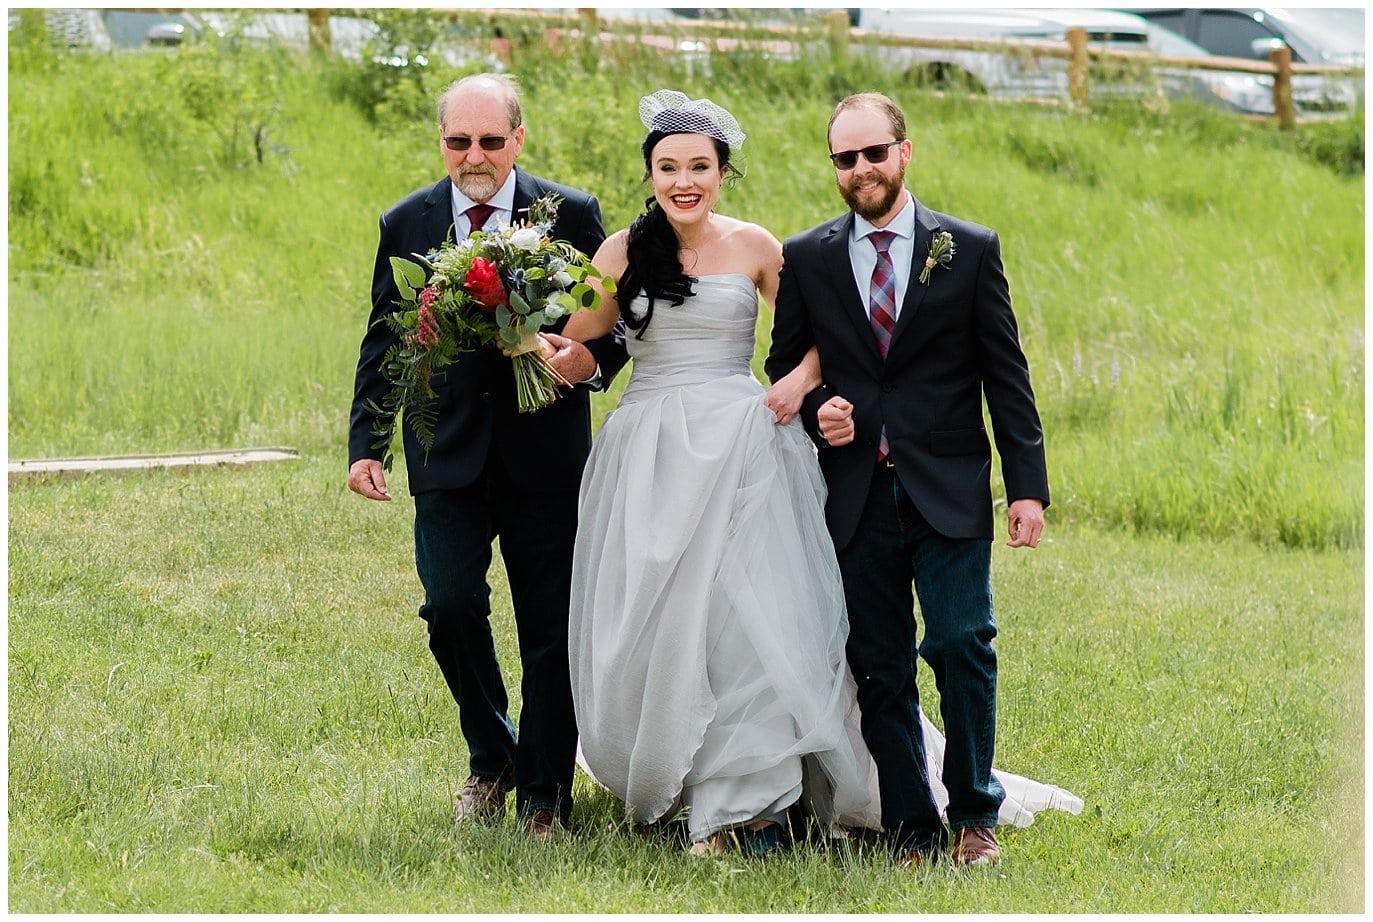 Bride walking down aisle for outdoor colorado wedding photo